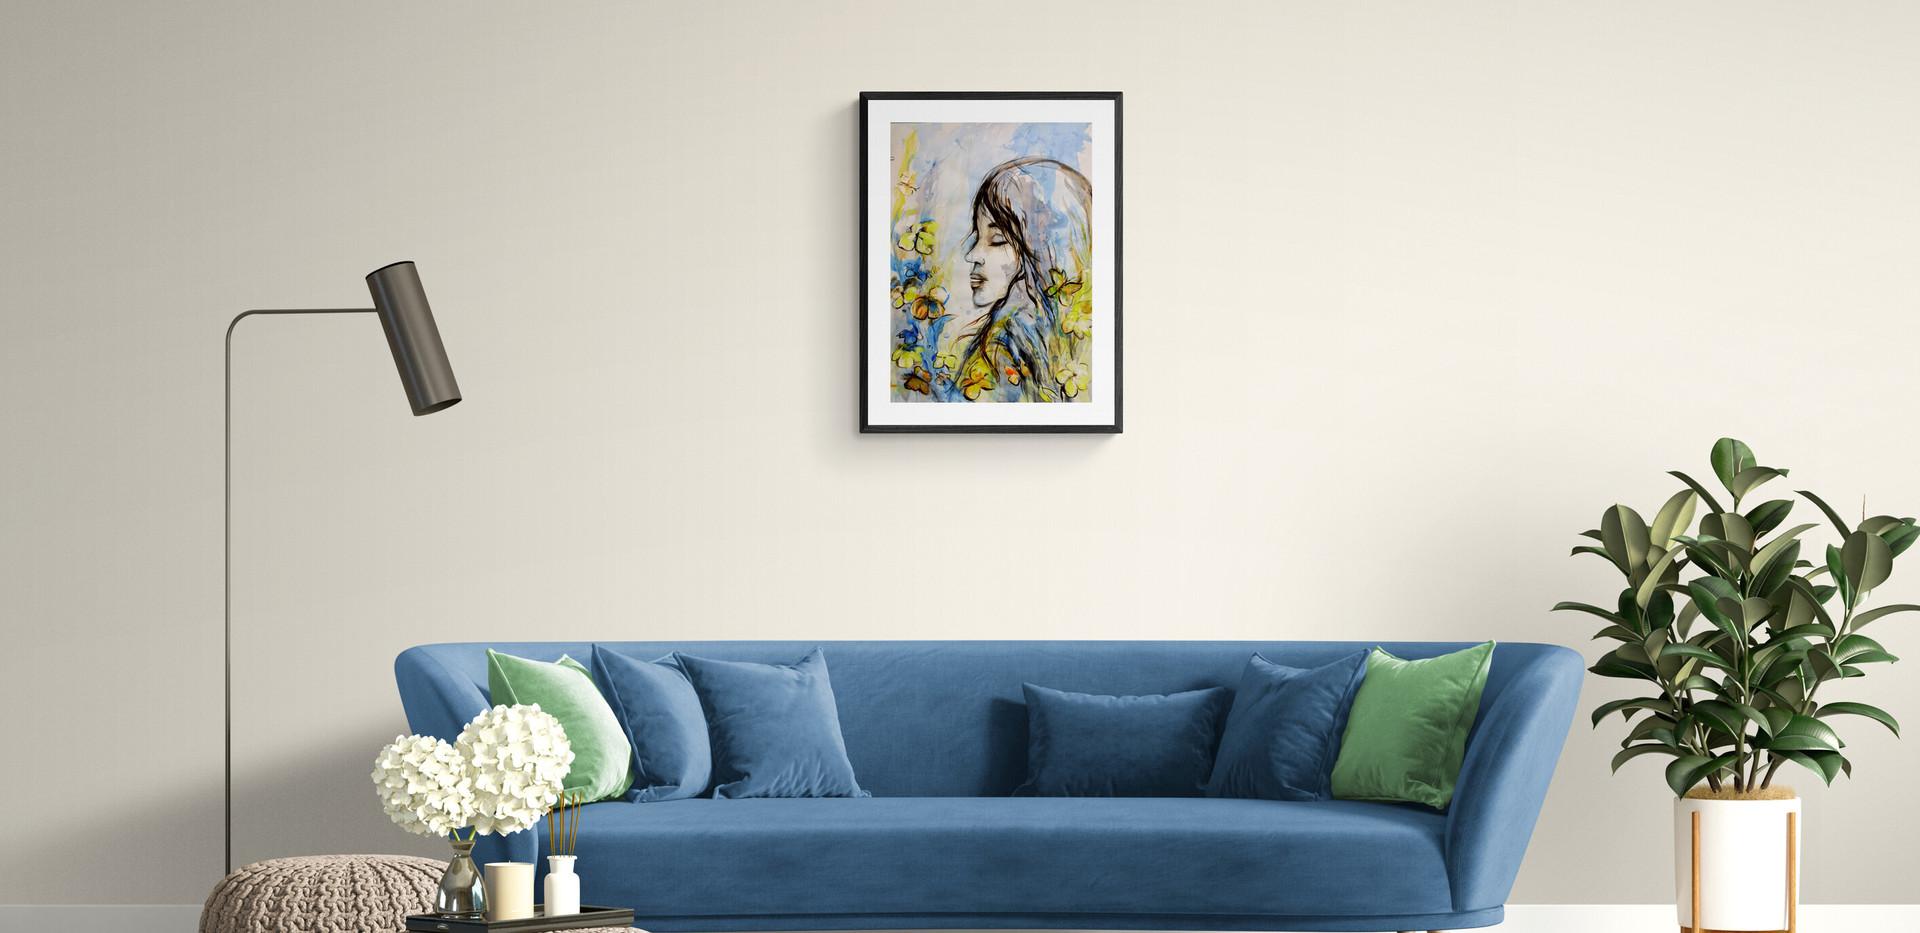 acrylic-painting-original-portrait-woman-jenie-gospodinova